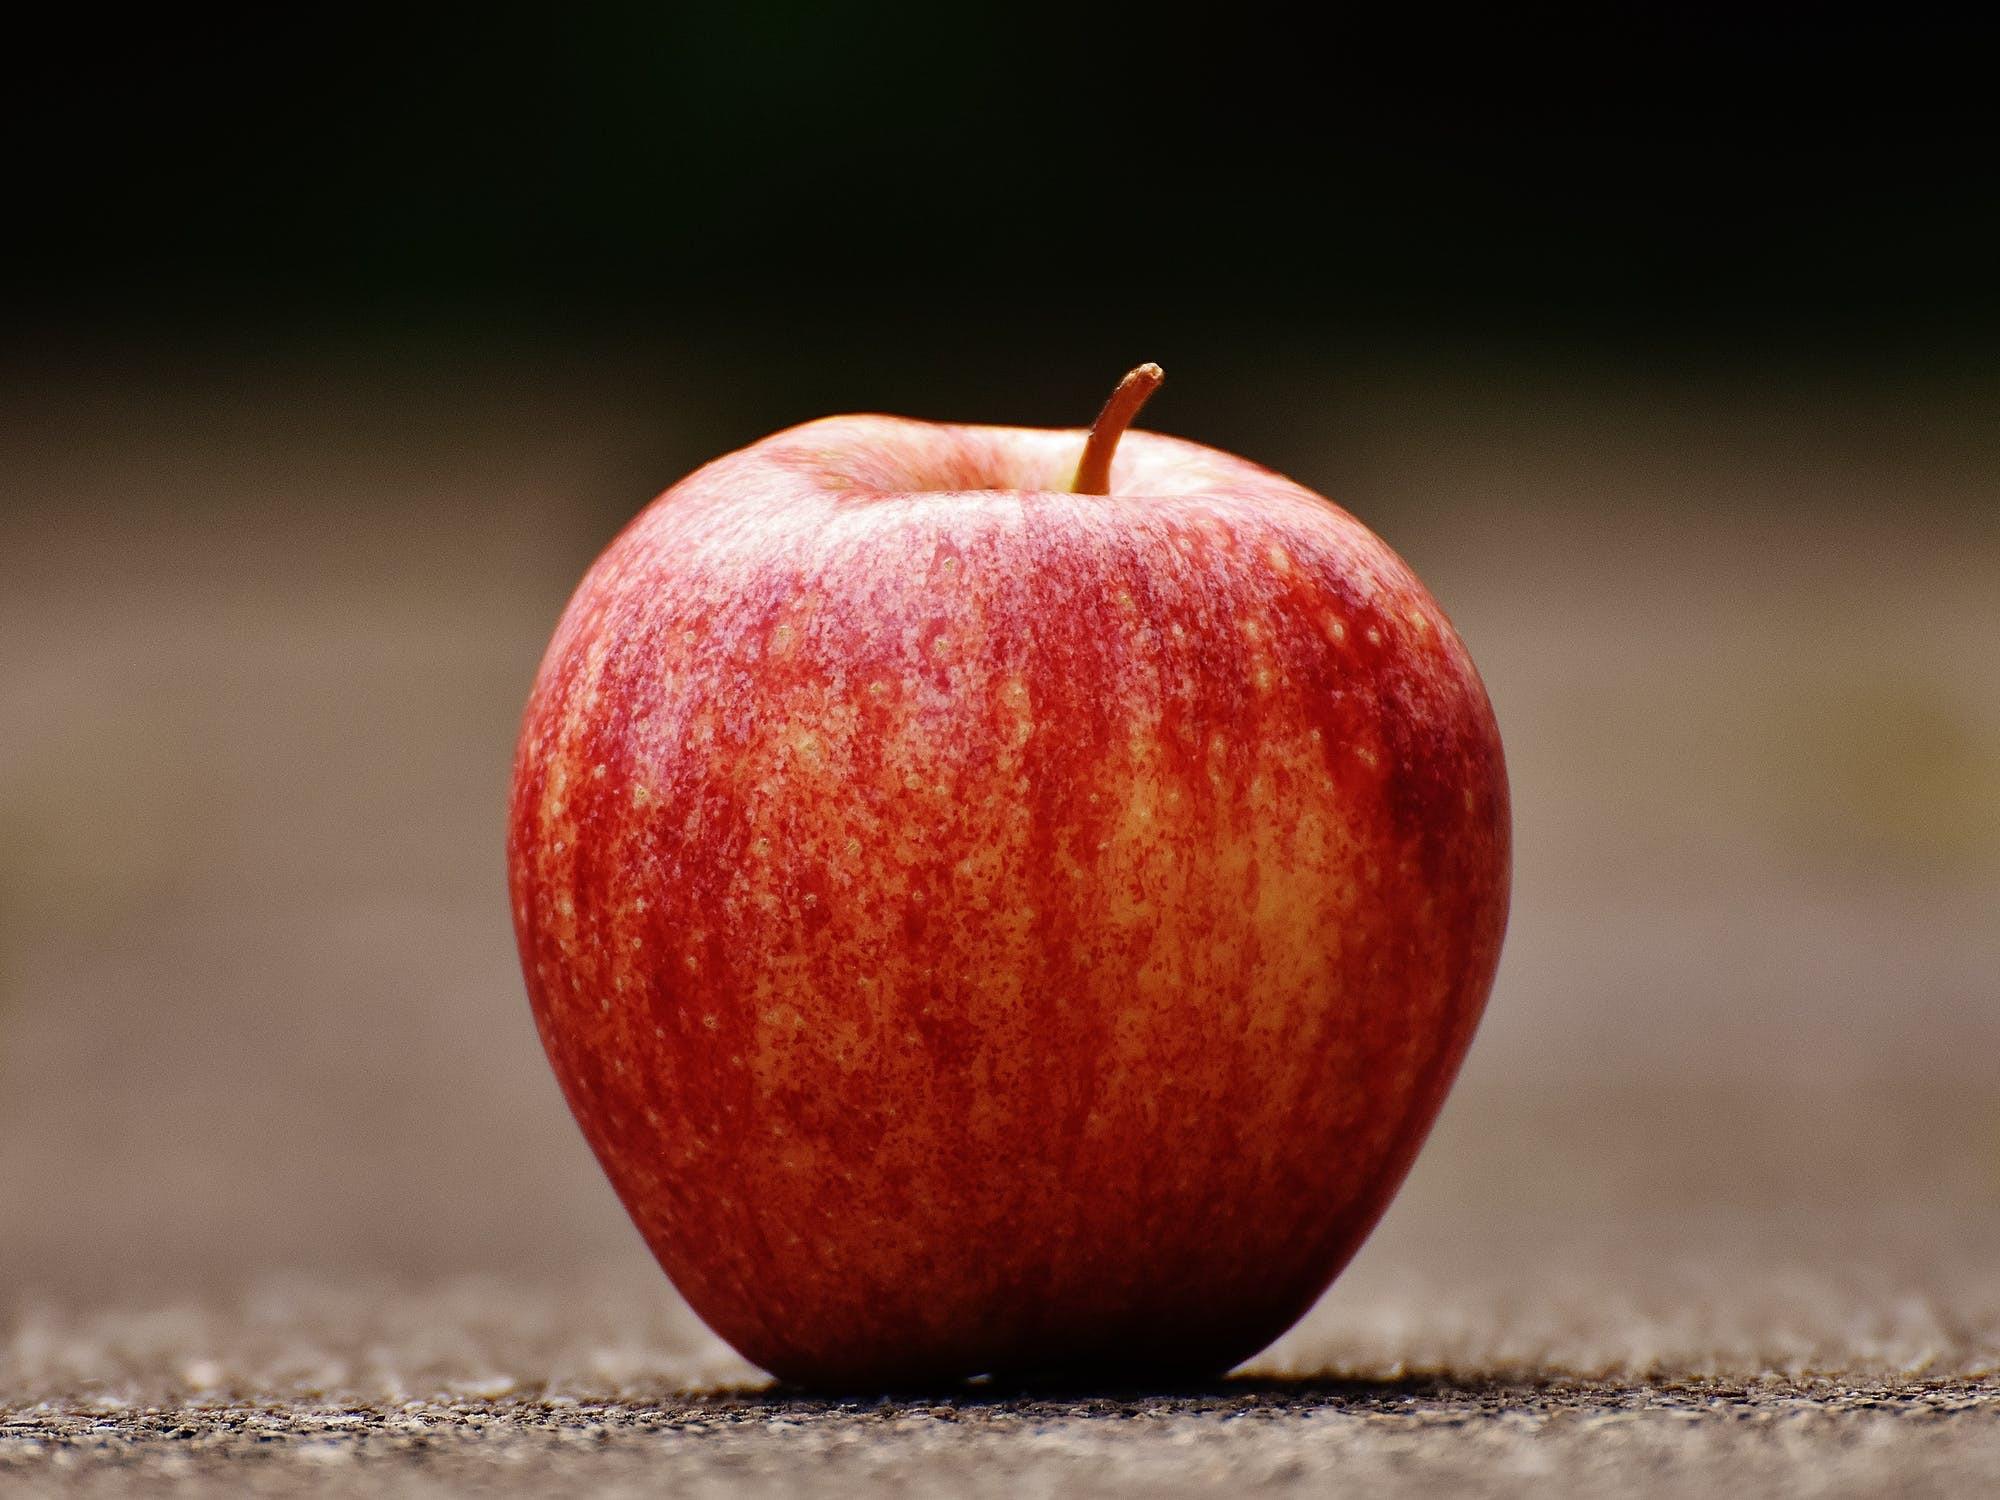 Fuji Apples, 1lb